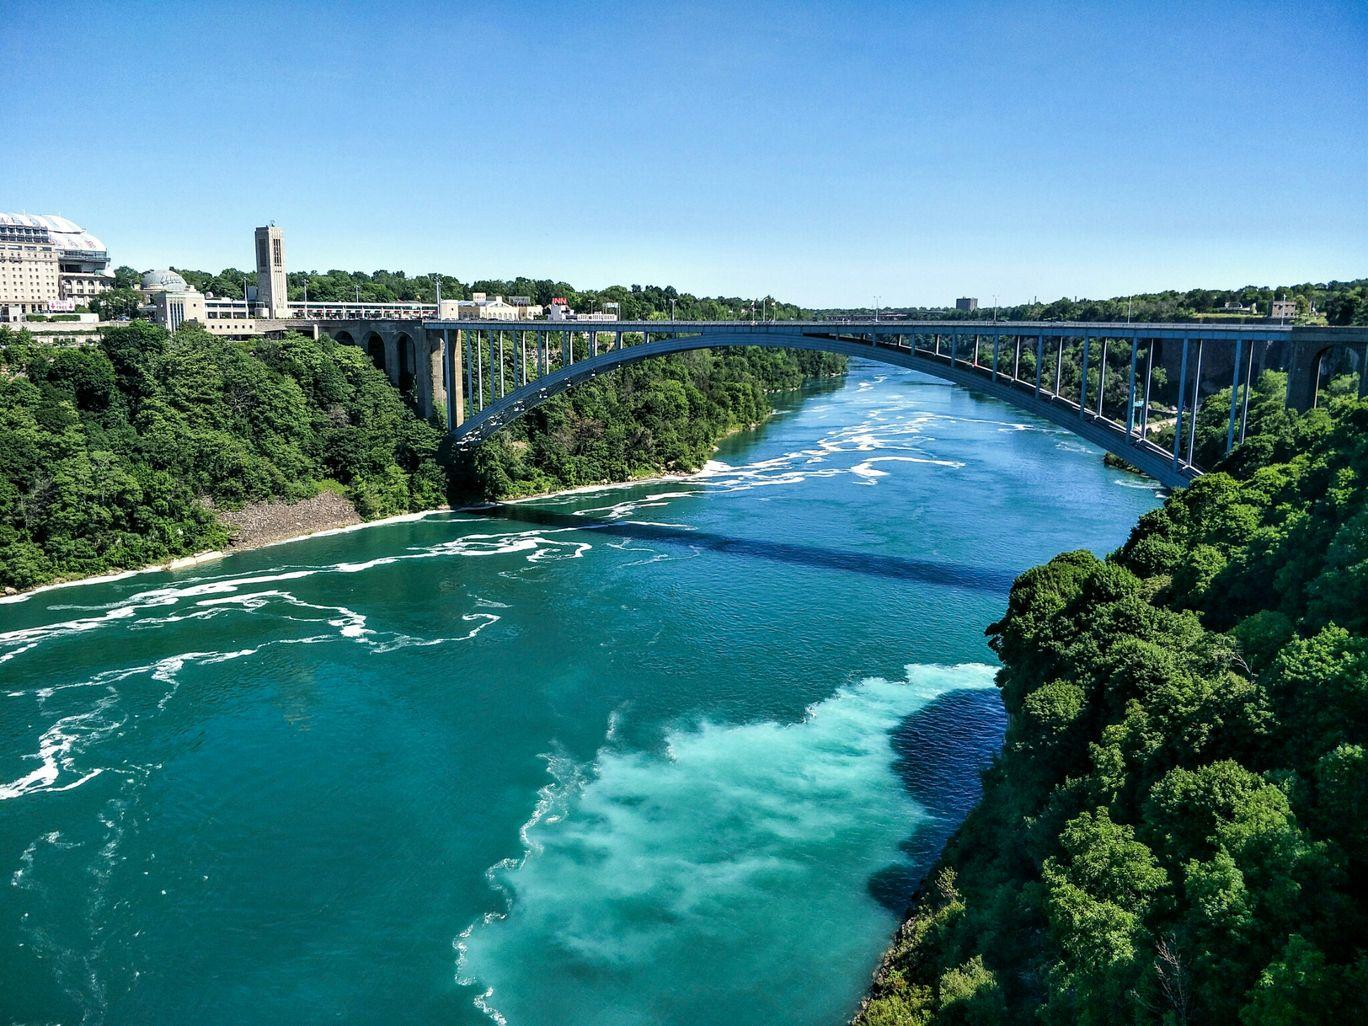 Photo of Niagara Falls By Shreeya Maheshwari